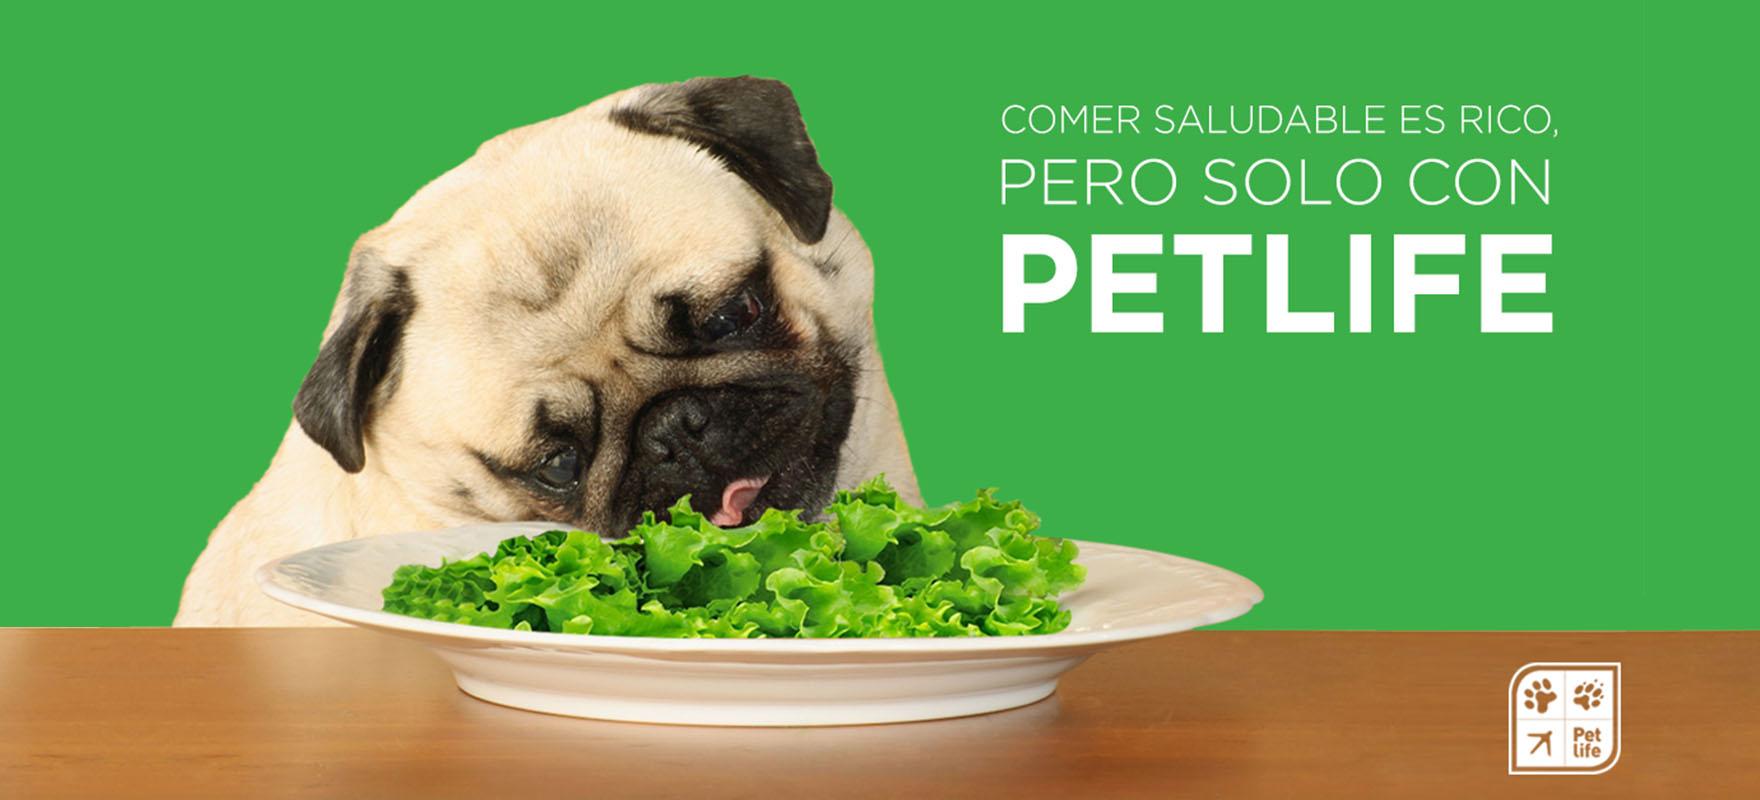 Evita cambios bruscos en la dieta de tu mascota